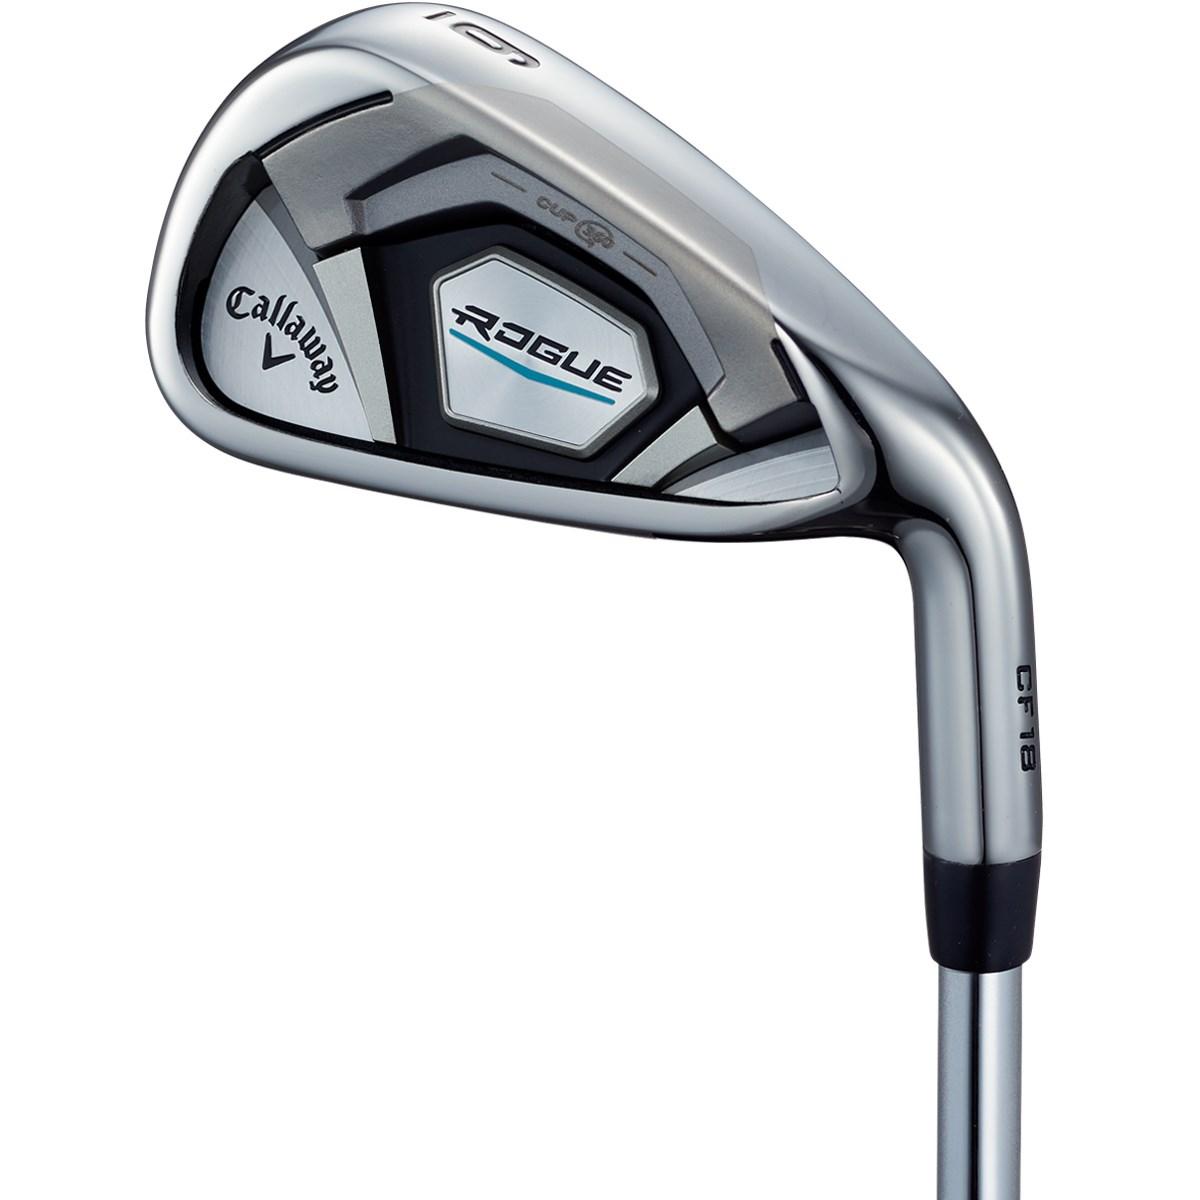 キャロウェイゴルフ(Callaway Golf) ローグ アイアン(単品) N.S.PRO MODUS TOUR 105